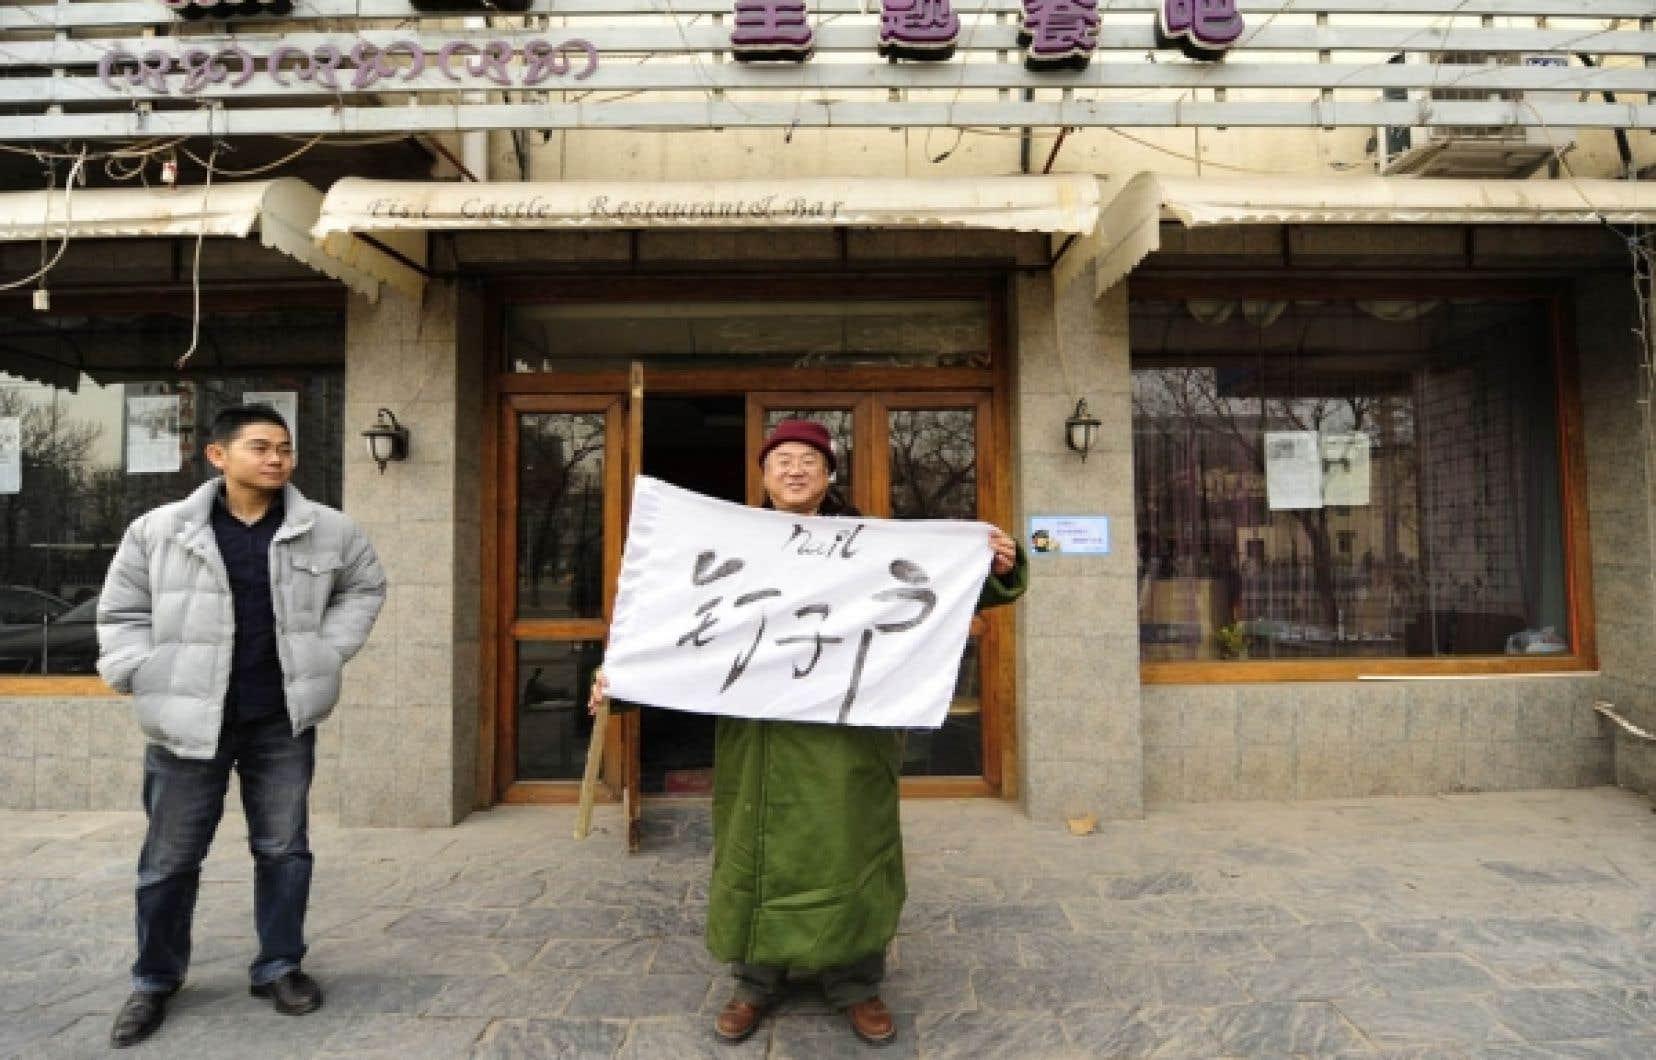 À Pékin, Zhong Boxin (à gauche) et sa fiancée ont engagé un garde pour protéger leur restaurant sous la menace d'une destruction. «Peu importe les méthodes qu'ils emploieront, l'intimidation, la force, nous ne partirons pas. C'est une manifestation silencieuse», affirme le jeune homme.